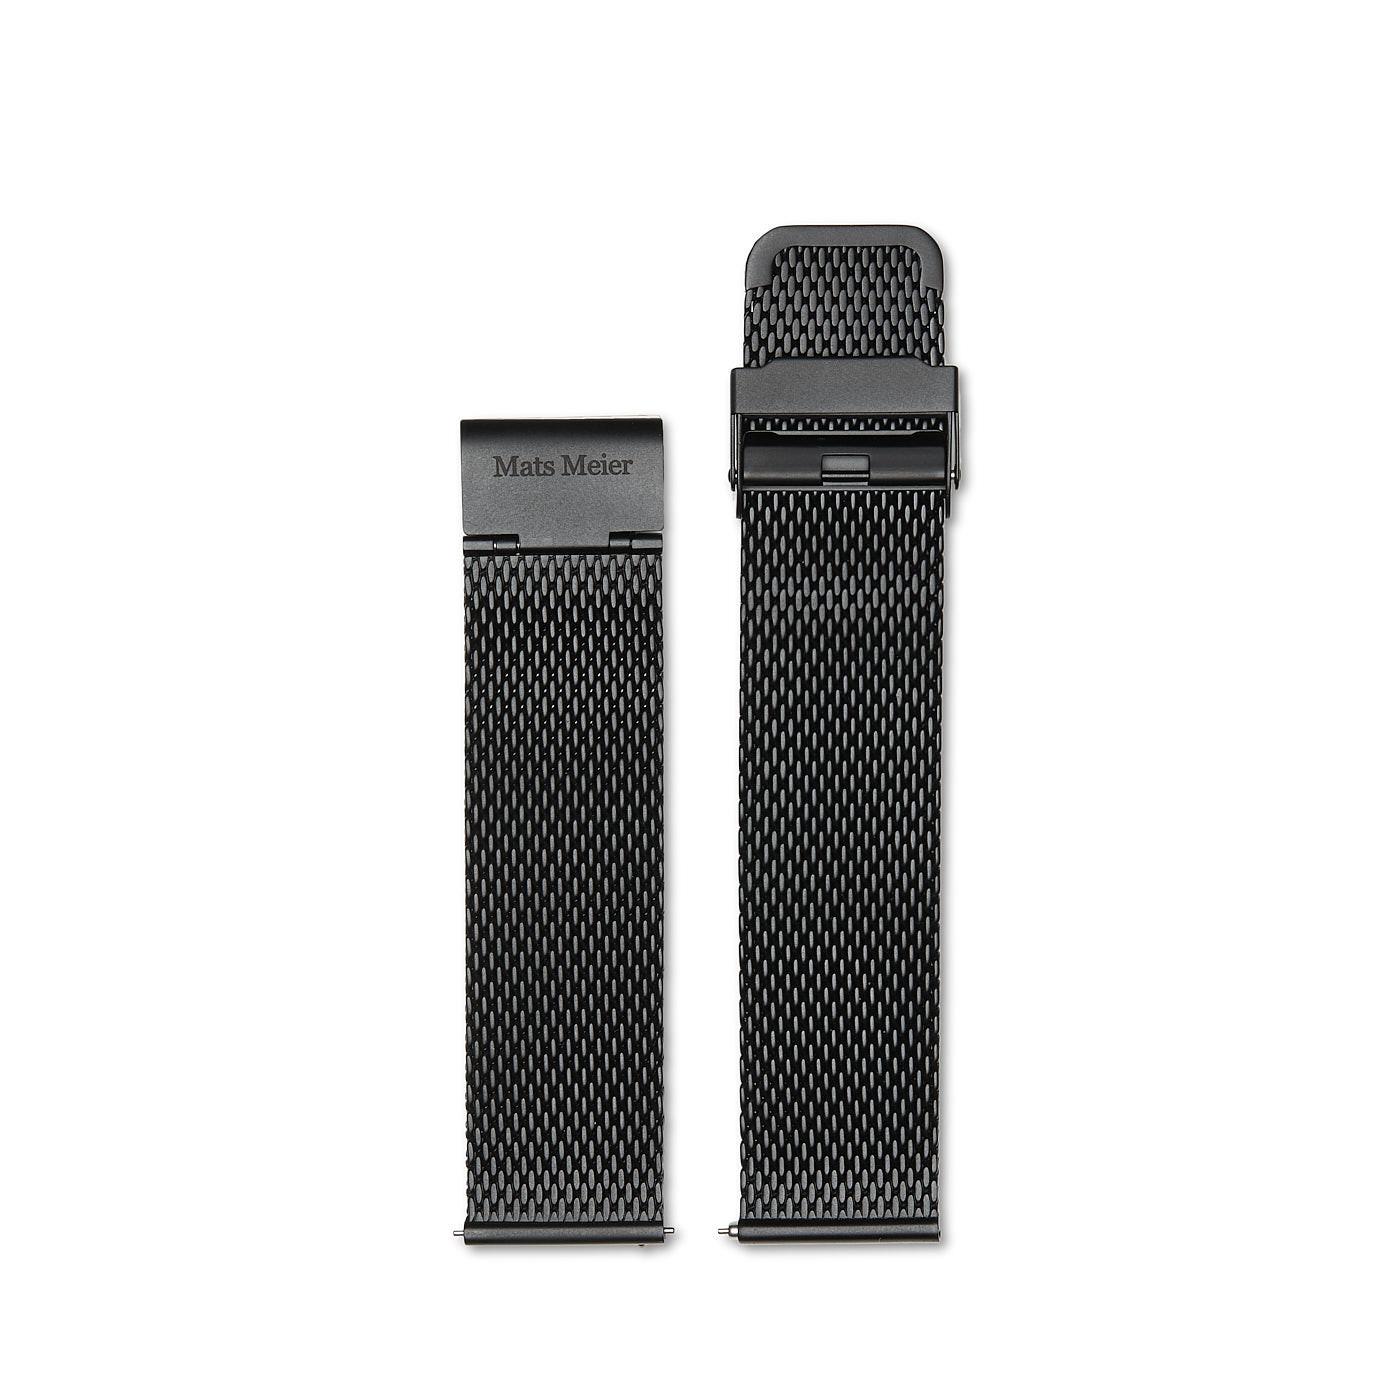 Mats Meier Castor Uhrenarmband Mesh-Edelstahl 22mm schwarz